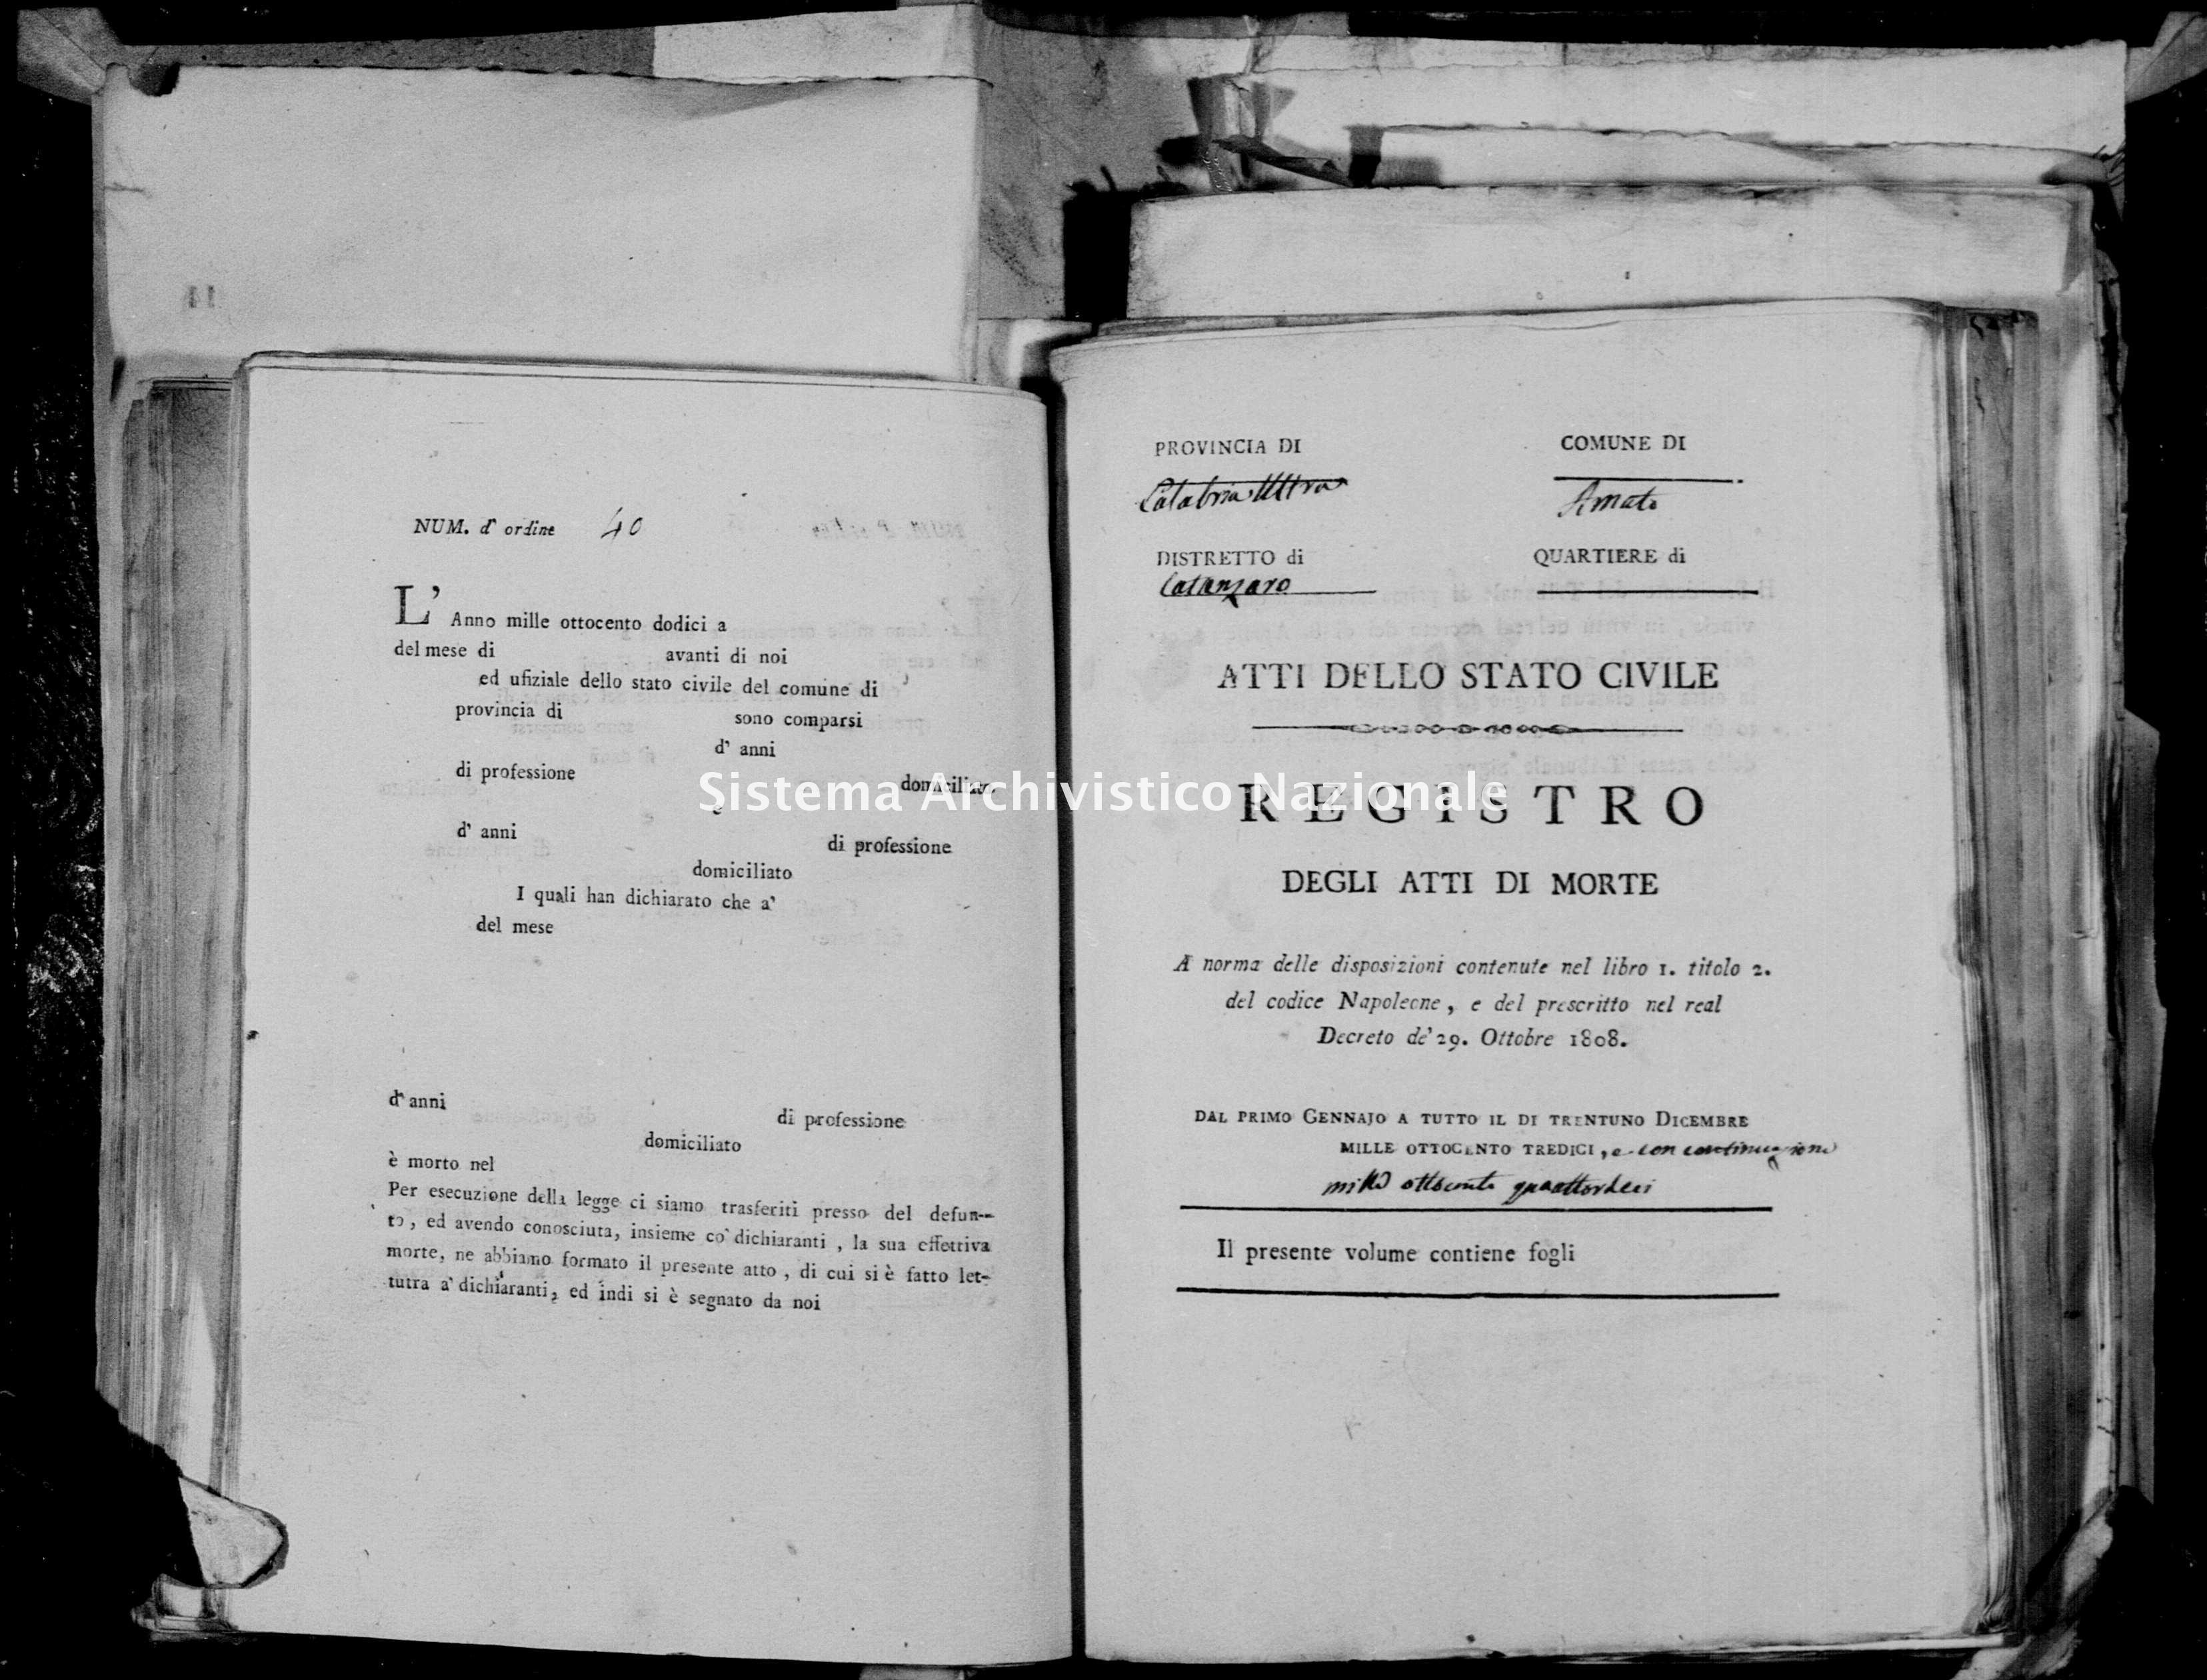 Archivio di stato di Catanzaro - Stato civile napoleonico - Amato - Morti - 1813 -